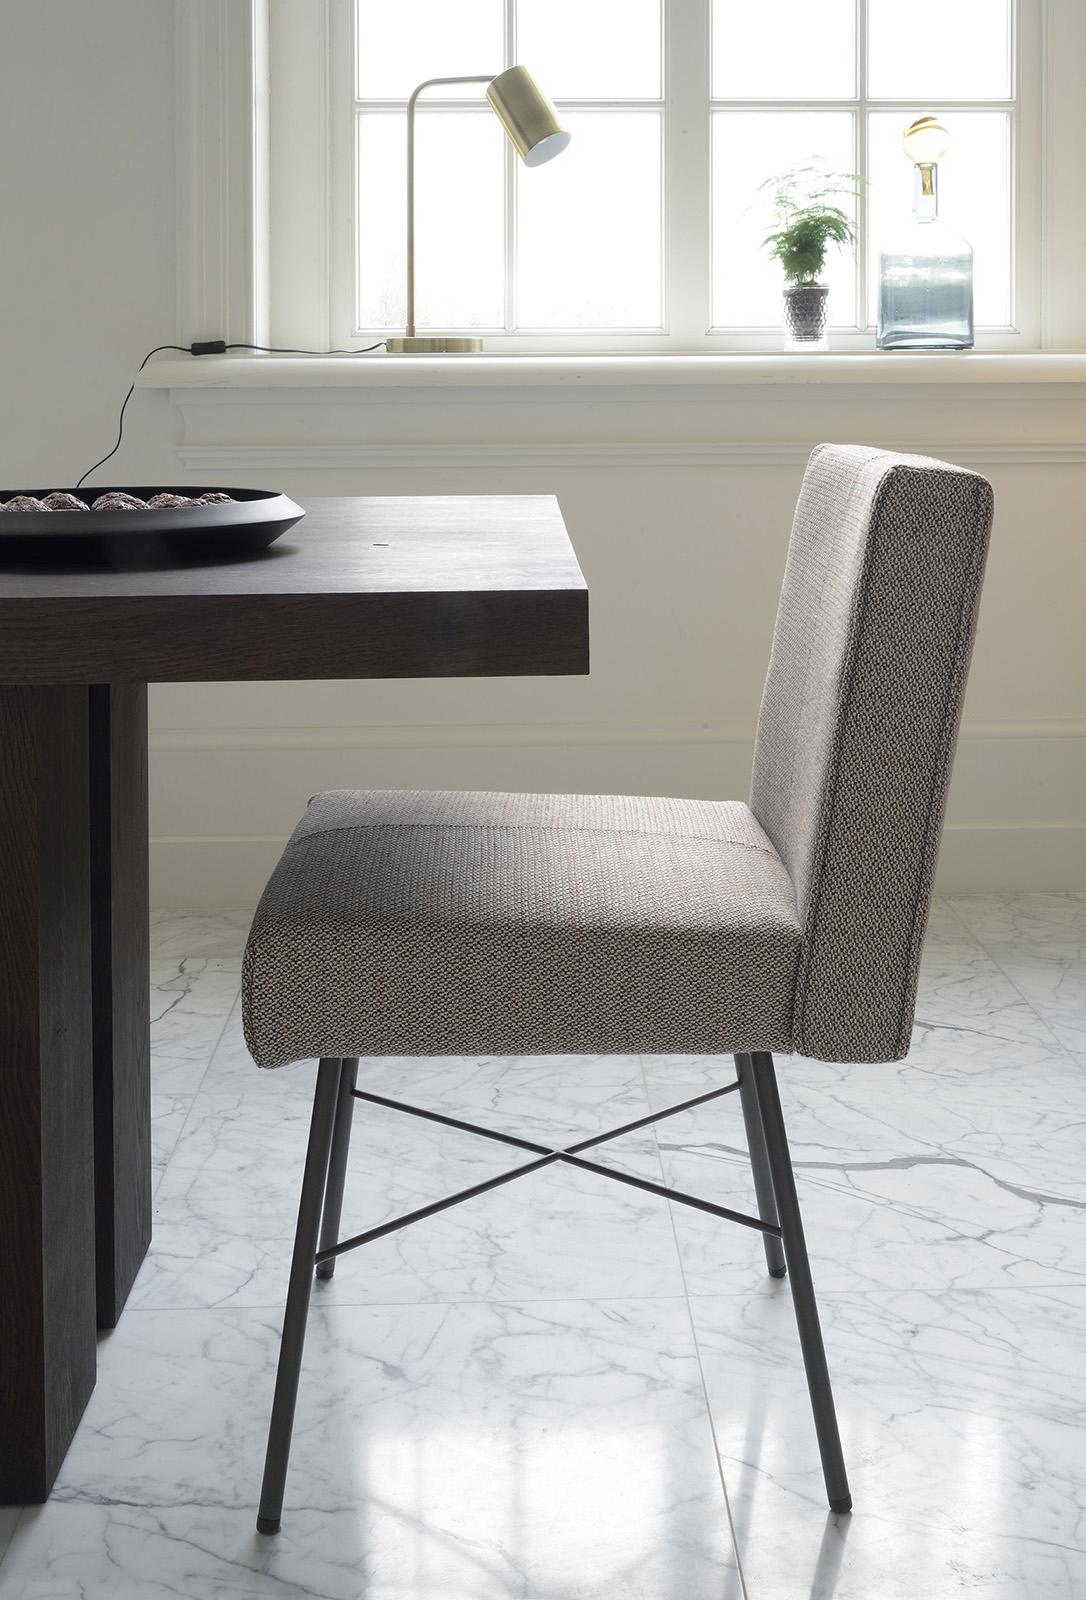 Stoere Fern tafel met tijdloze Aster stoel van Brown by Bert Plantagie